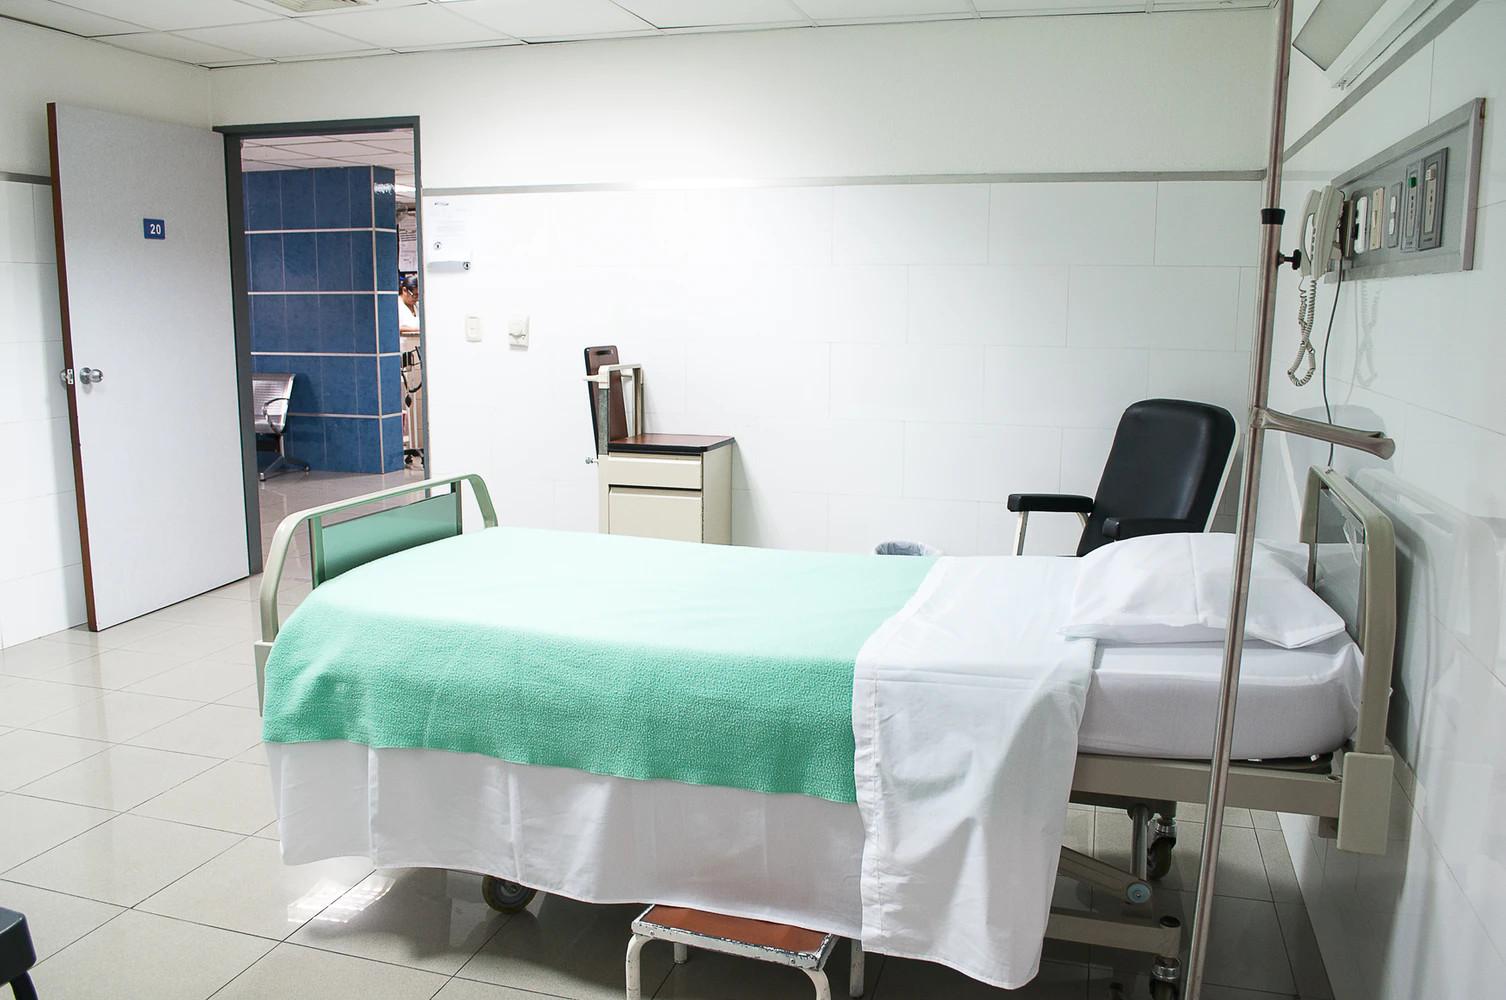 Canada đang cần nguồn lao động lớn trong ngành y tế giữa đại địch Covid-19